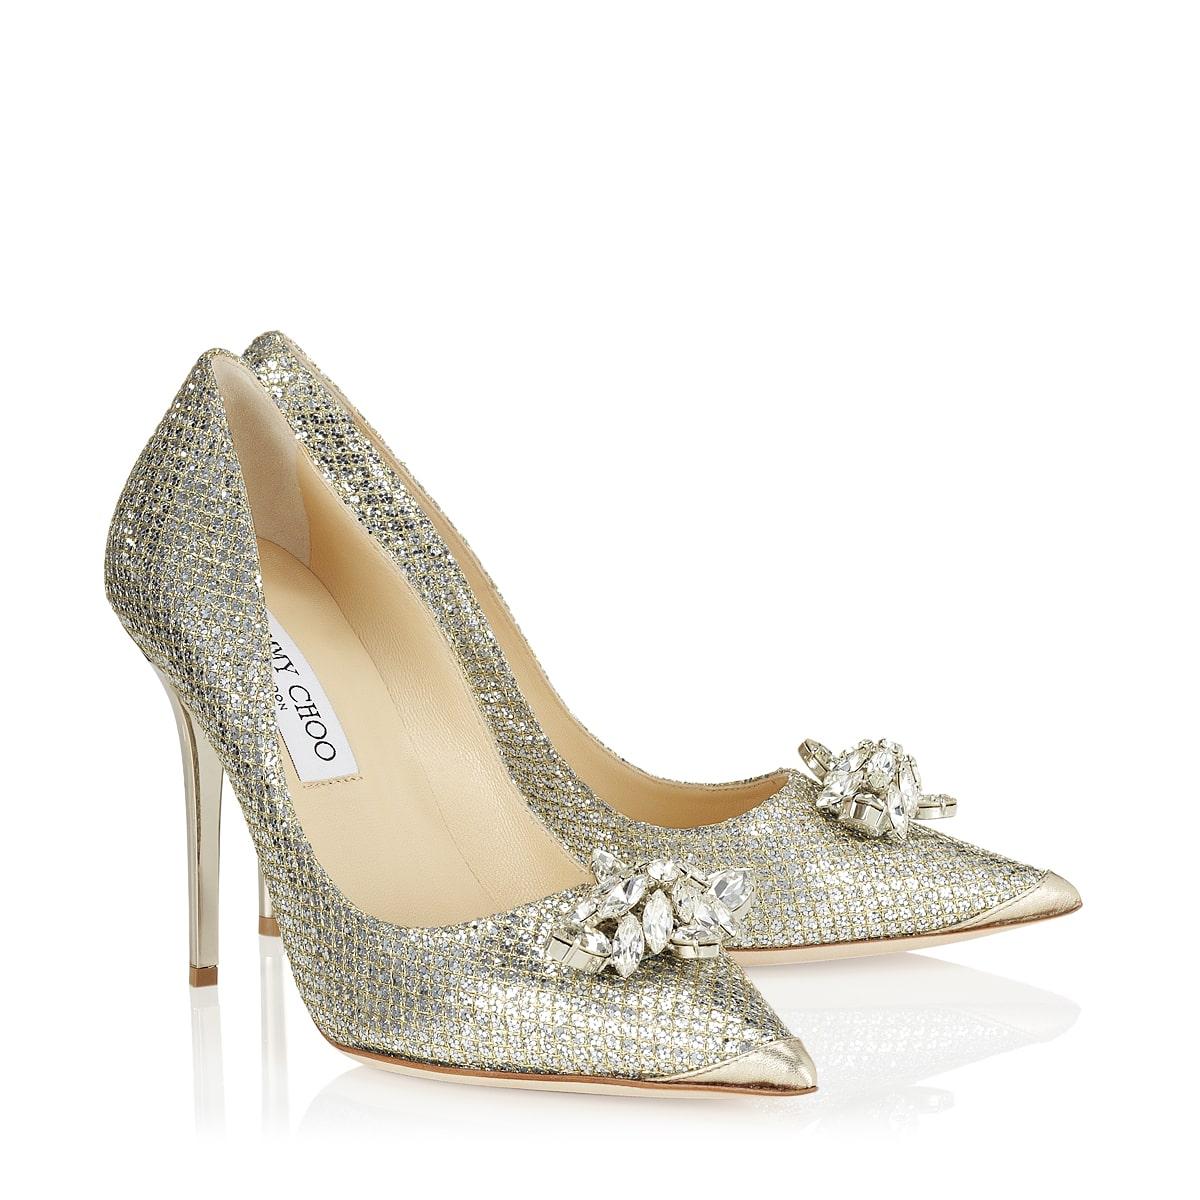 Cruise Wedding Shoes